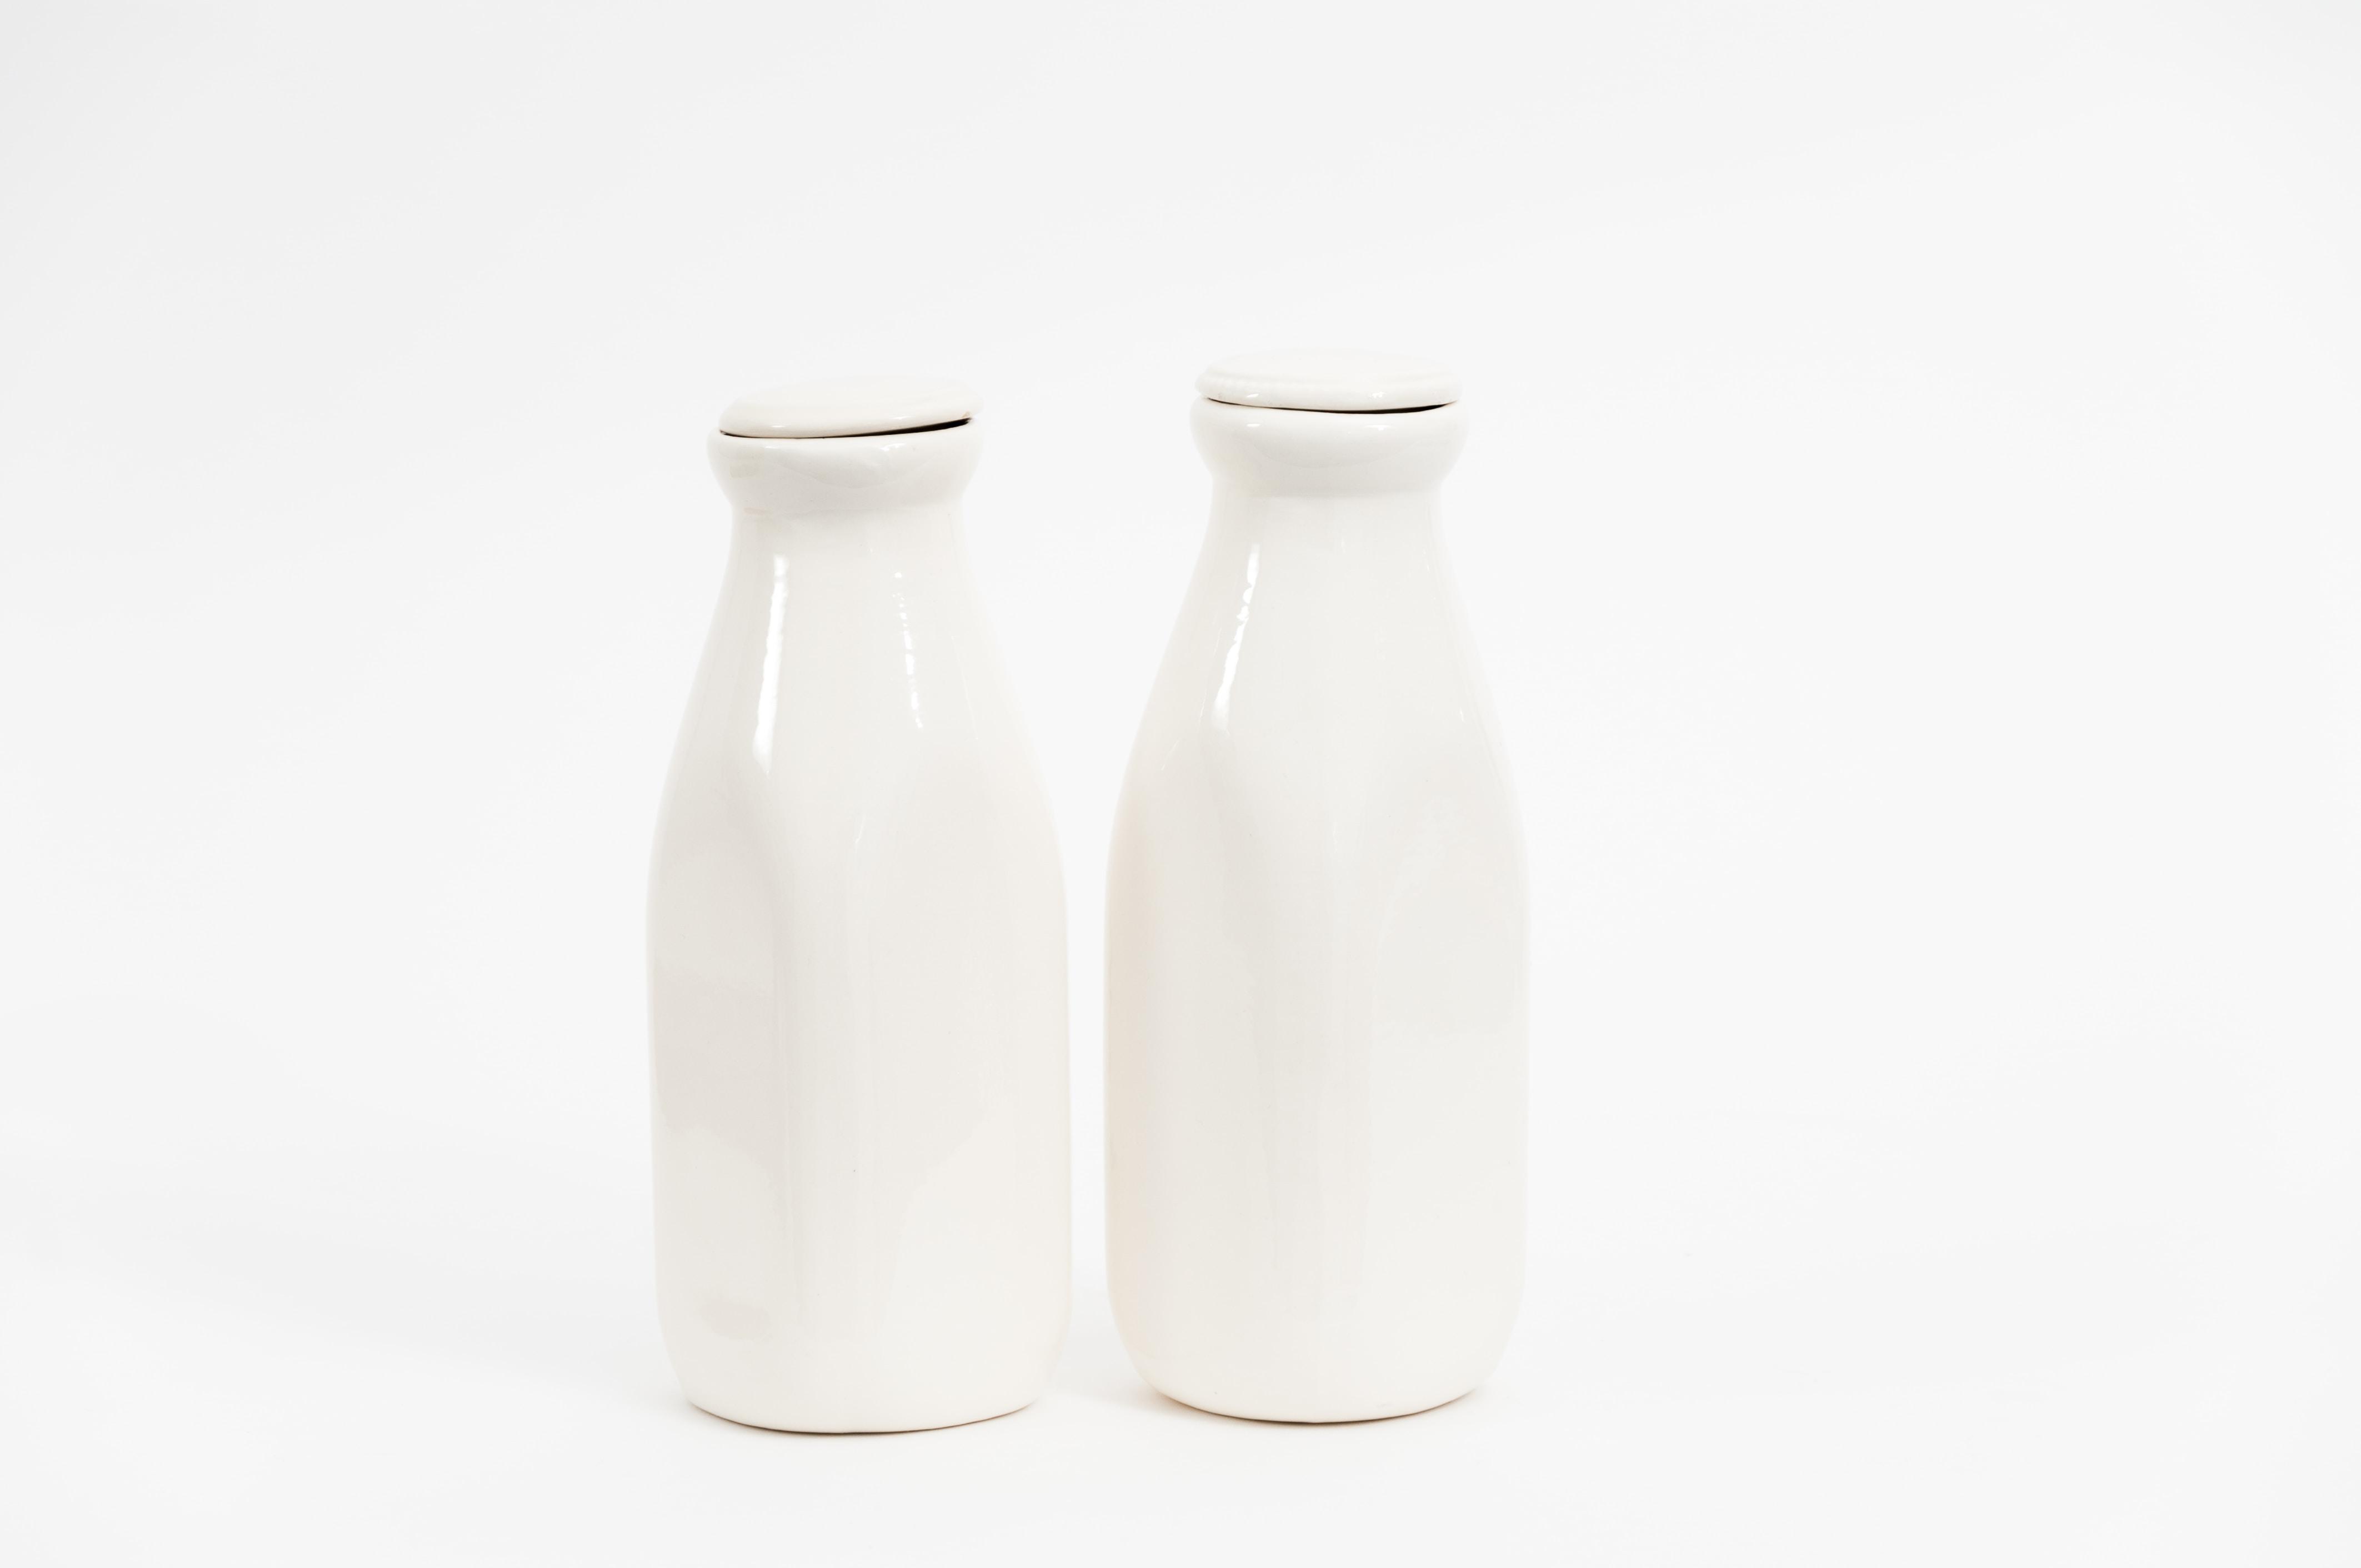 two white milk bottles